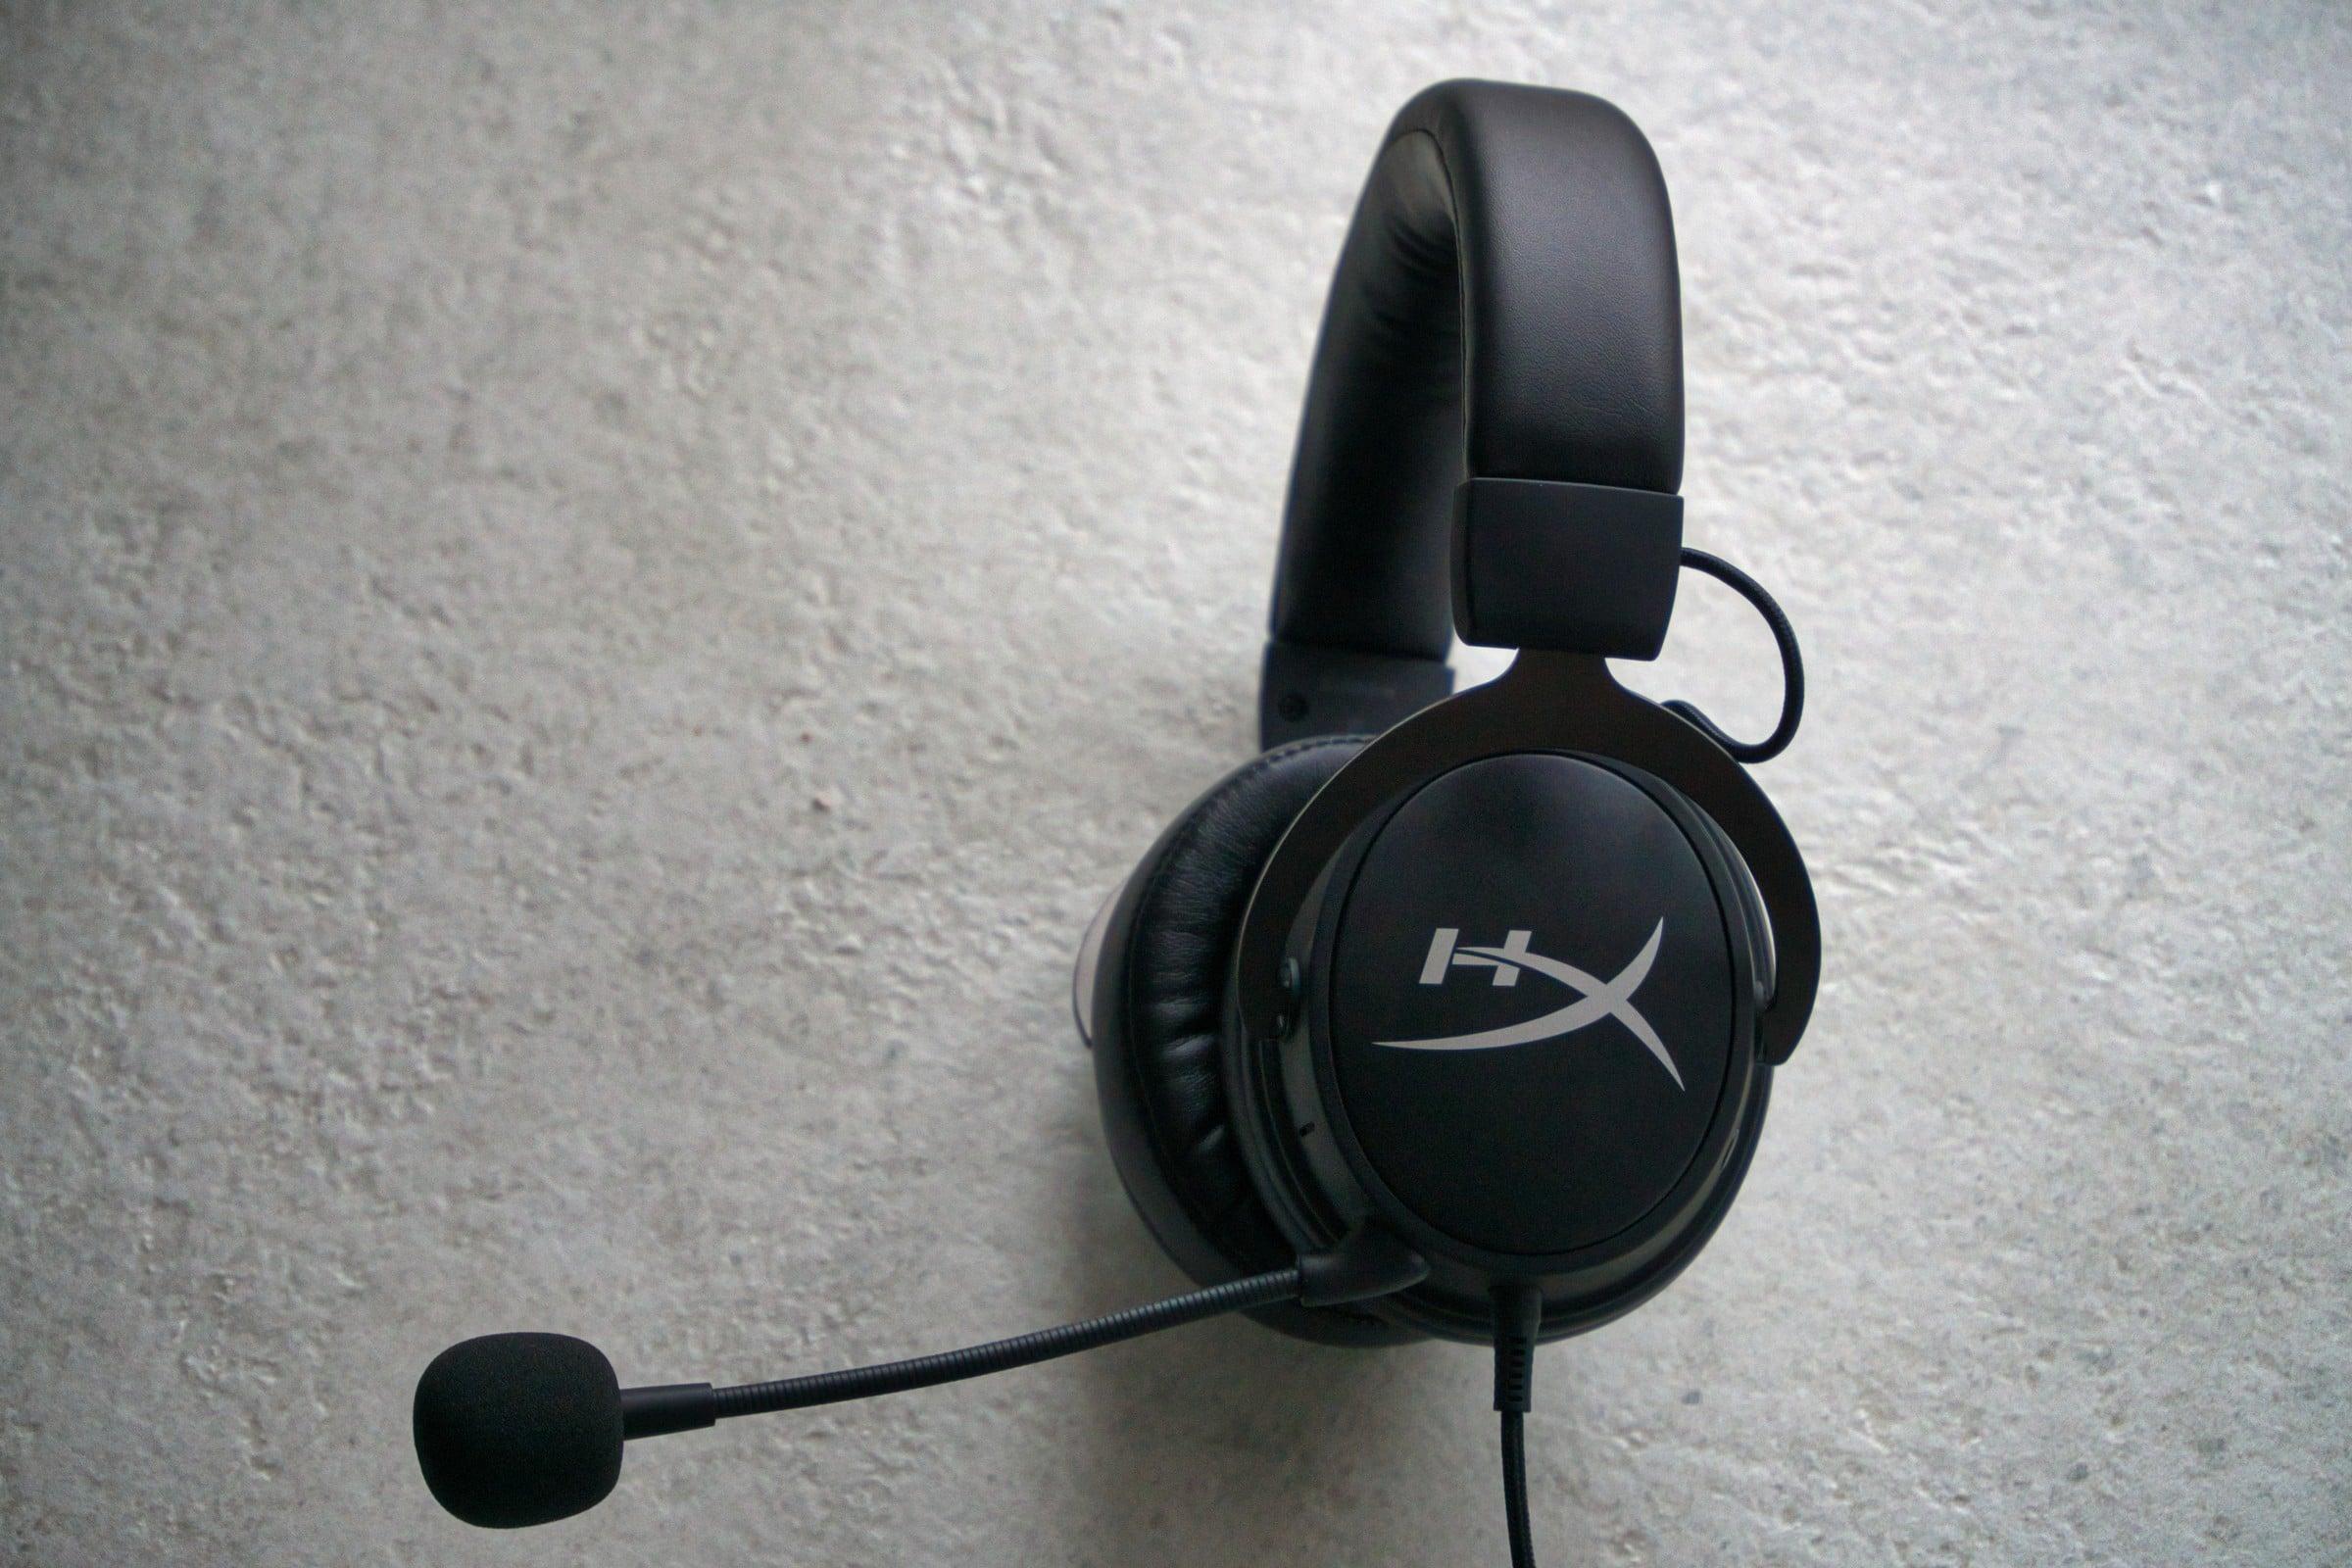 HyperX Cloud MIX - legendarne gamingowe słuchawki w bezprzewodowym stylu (recenzja) 20